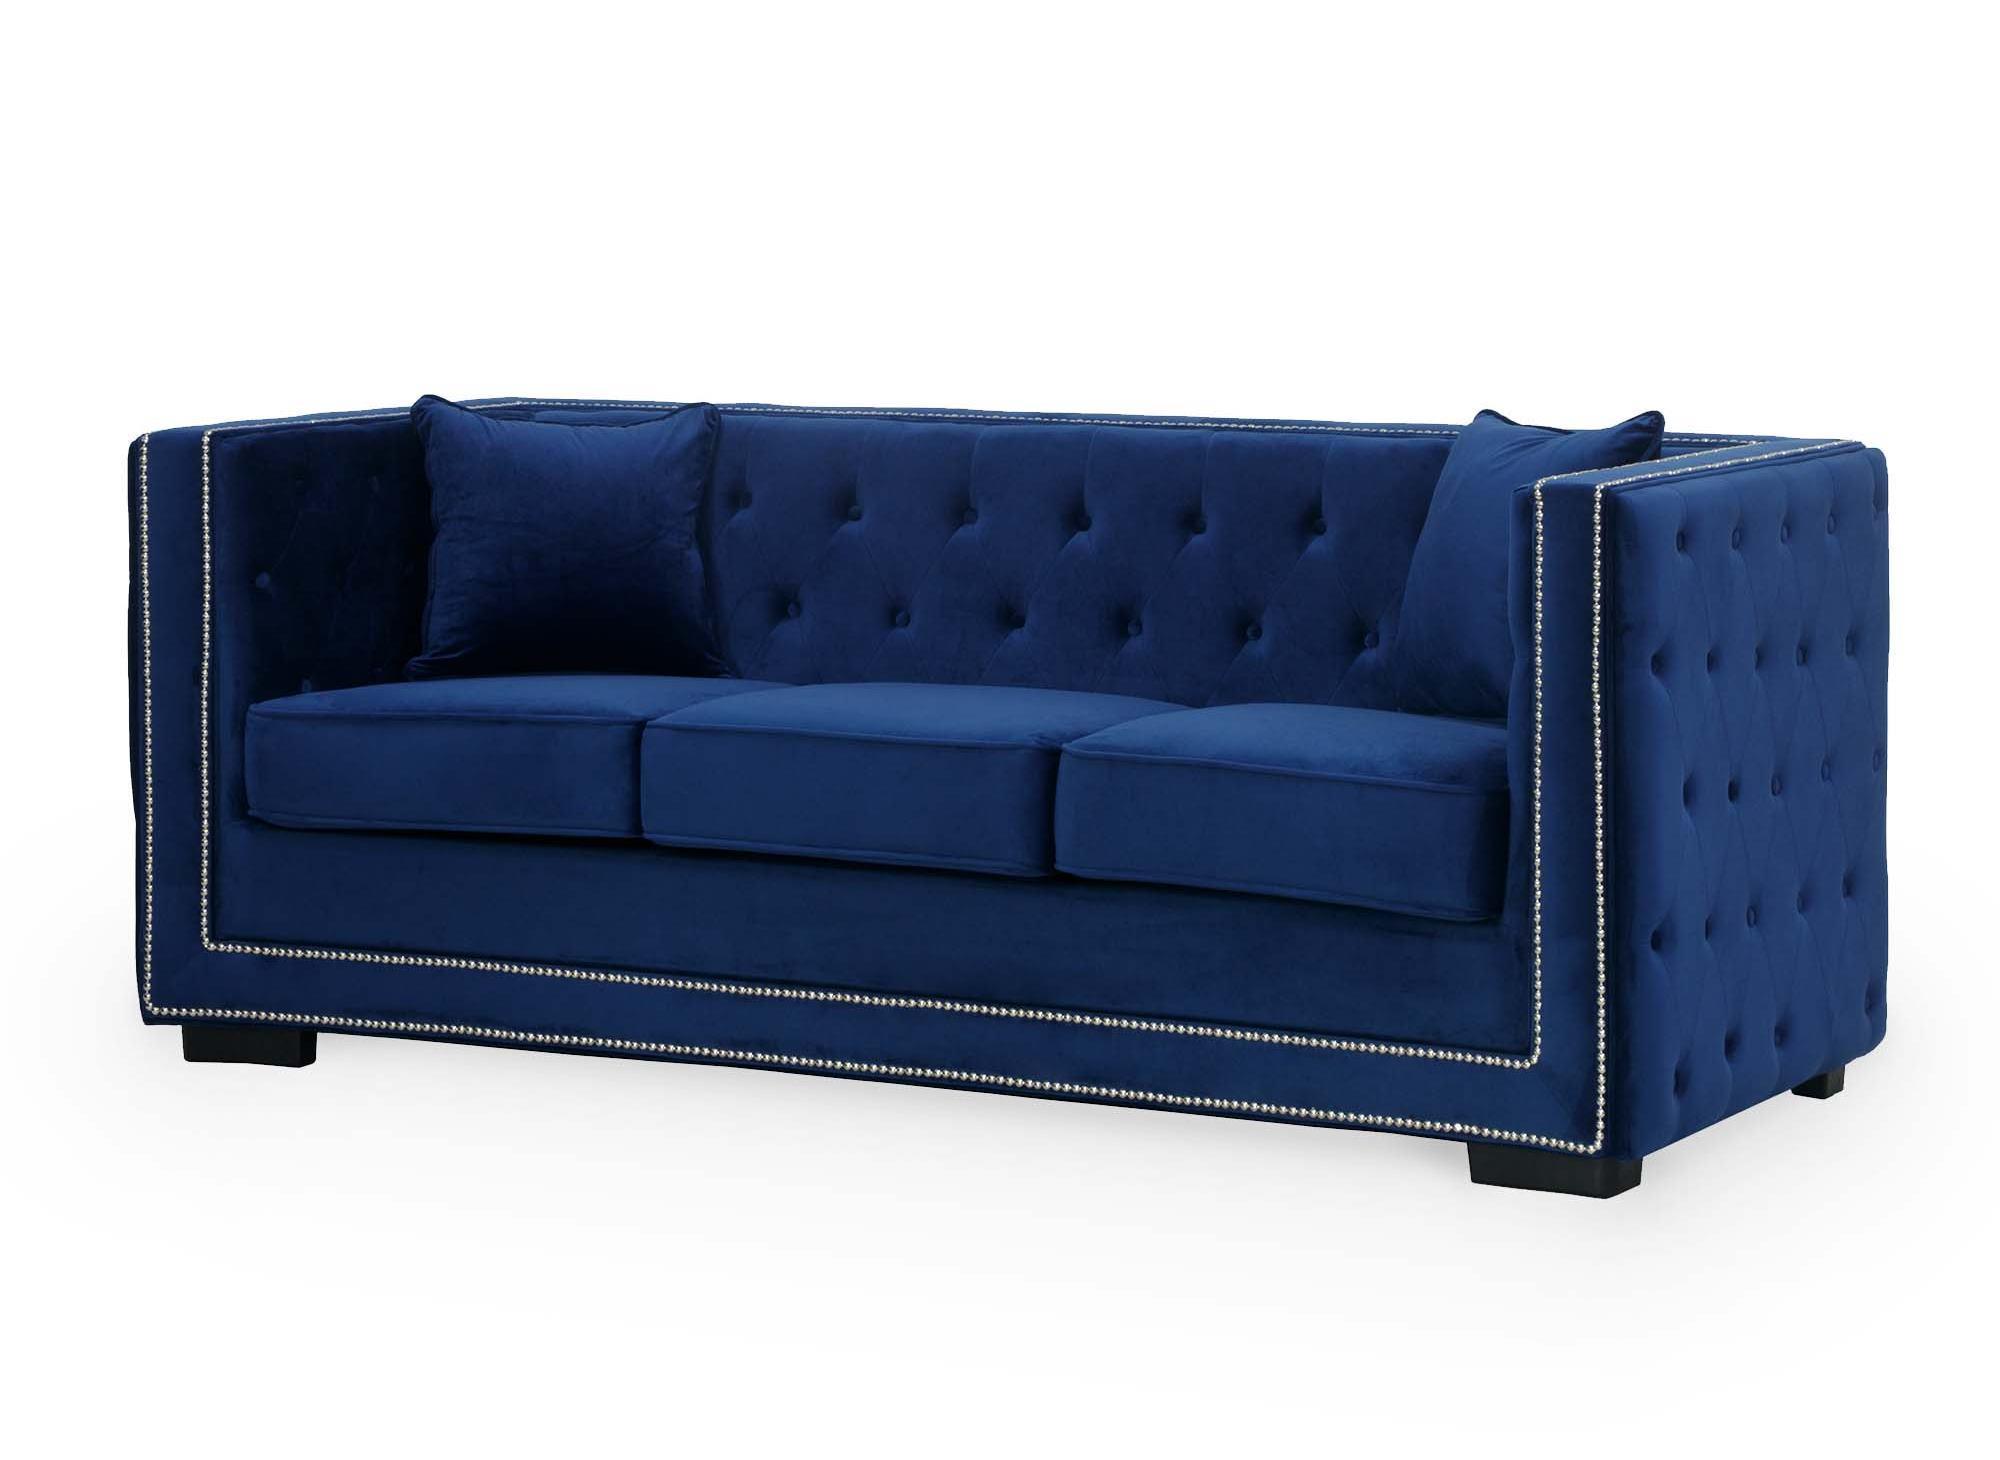 Ensemble canapé 3+2+1 places capitonné chesterfield design en velours bleu CUBE